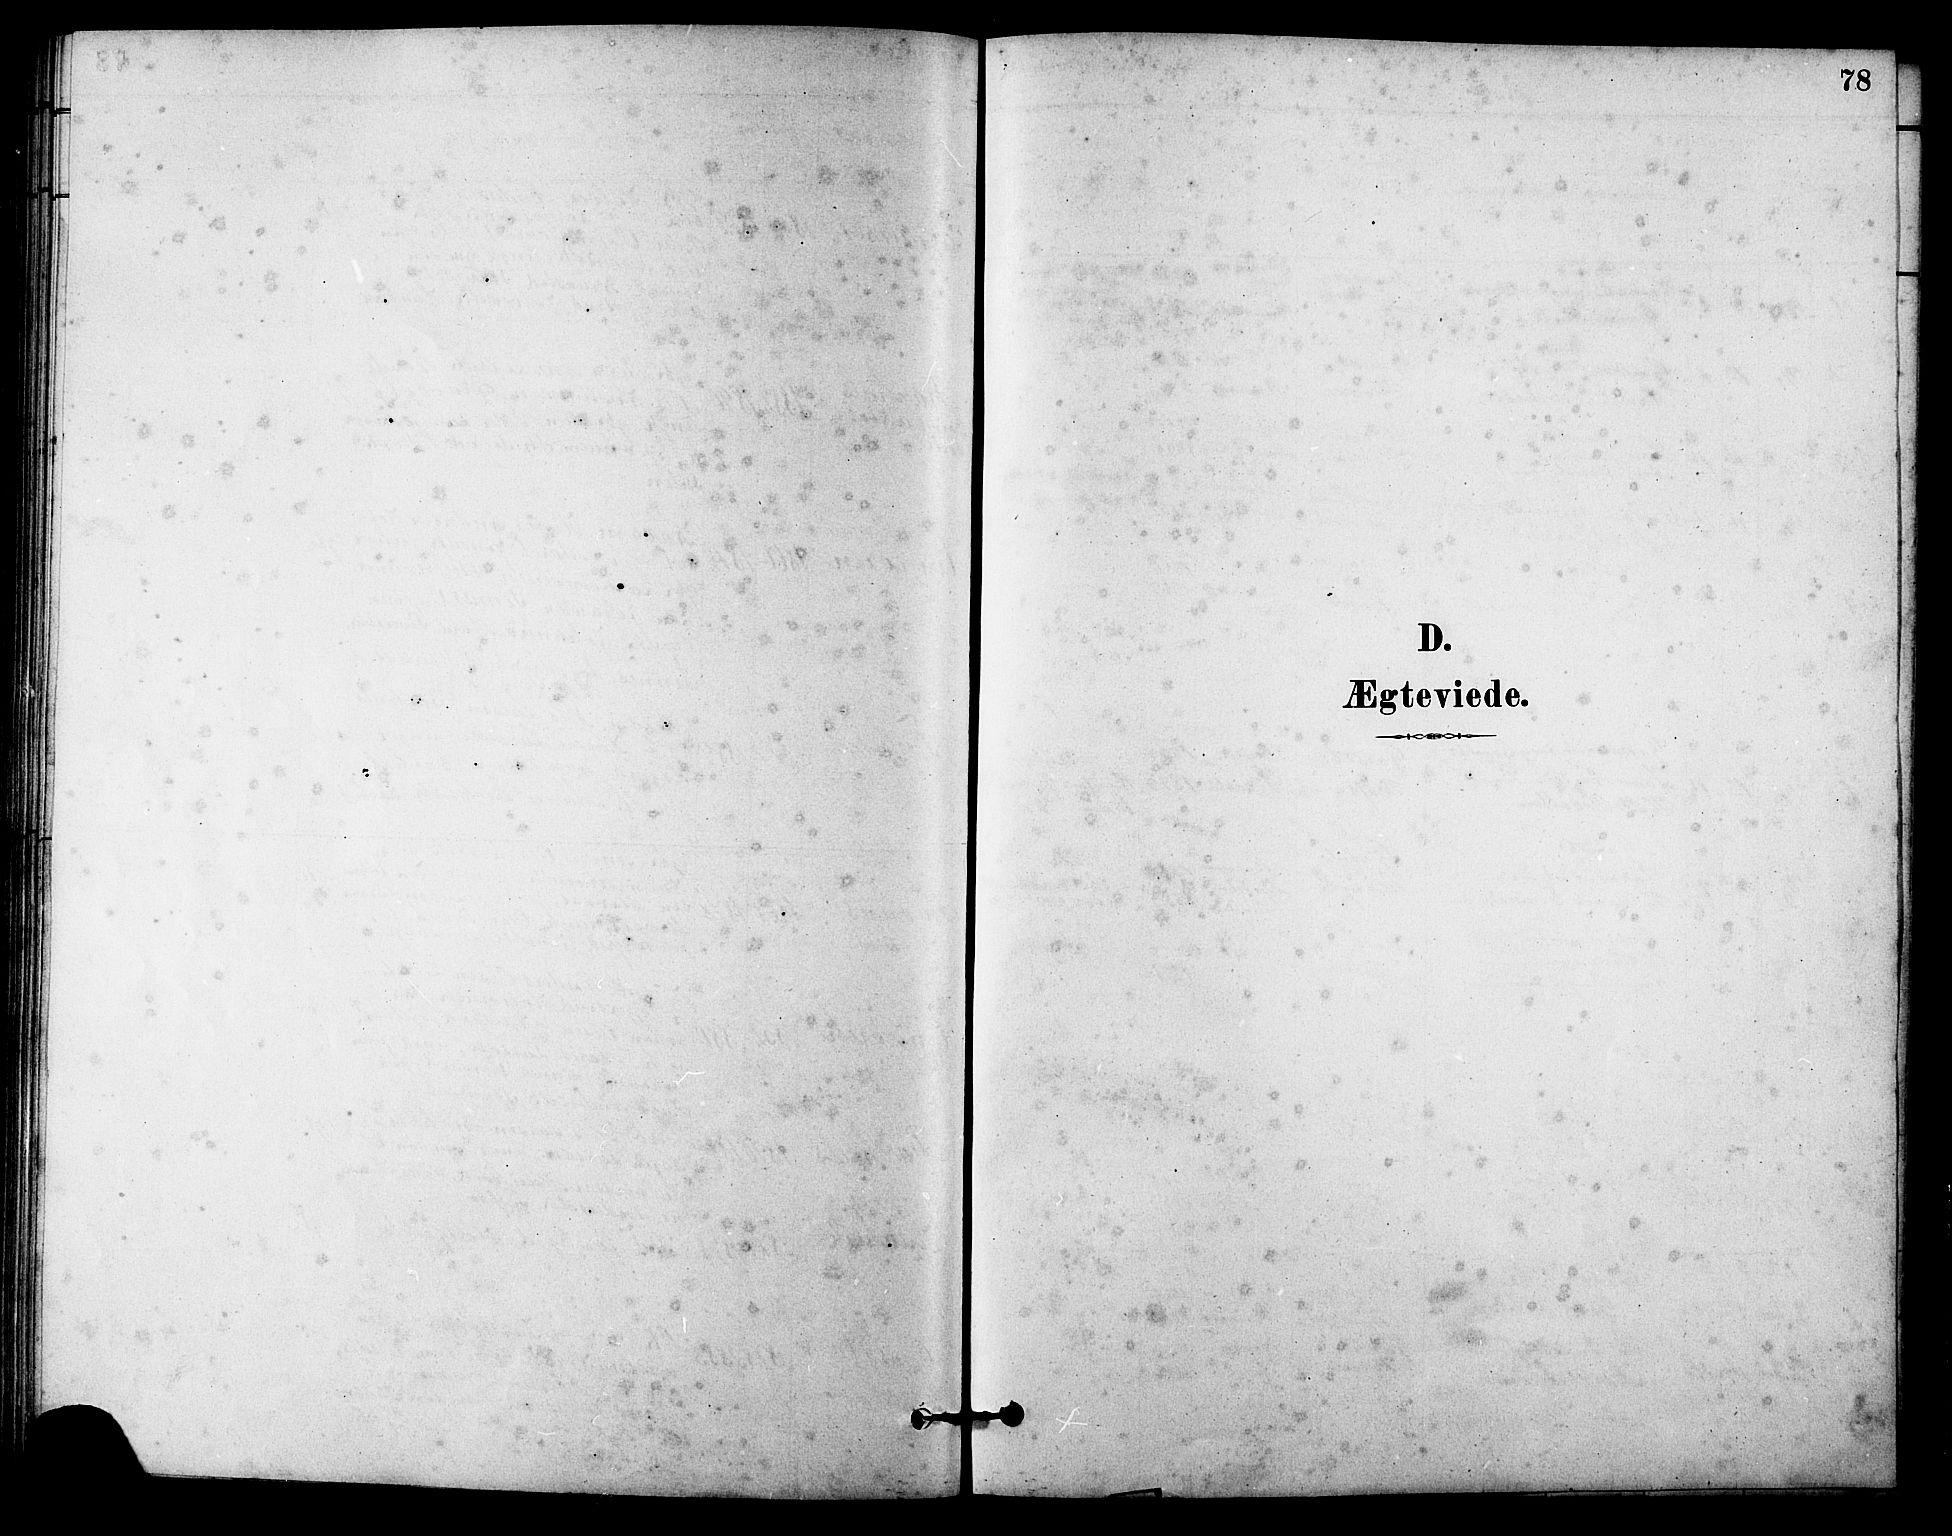 SAT, Ministerialprotokoller, klokkerbøker og fødselsregistre - Sør-Trøndelag, 631/L0514: Klokkerbok nr. 631C02, 1879-1912, s. 78